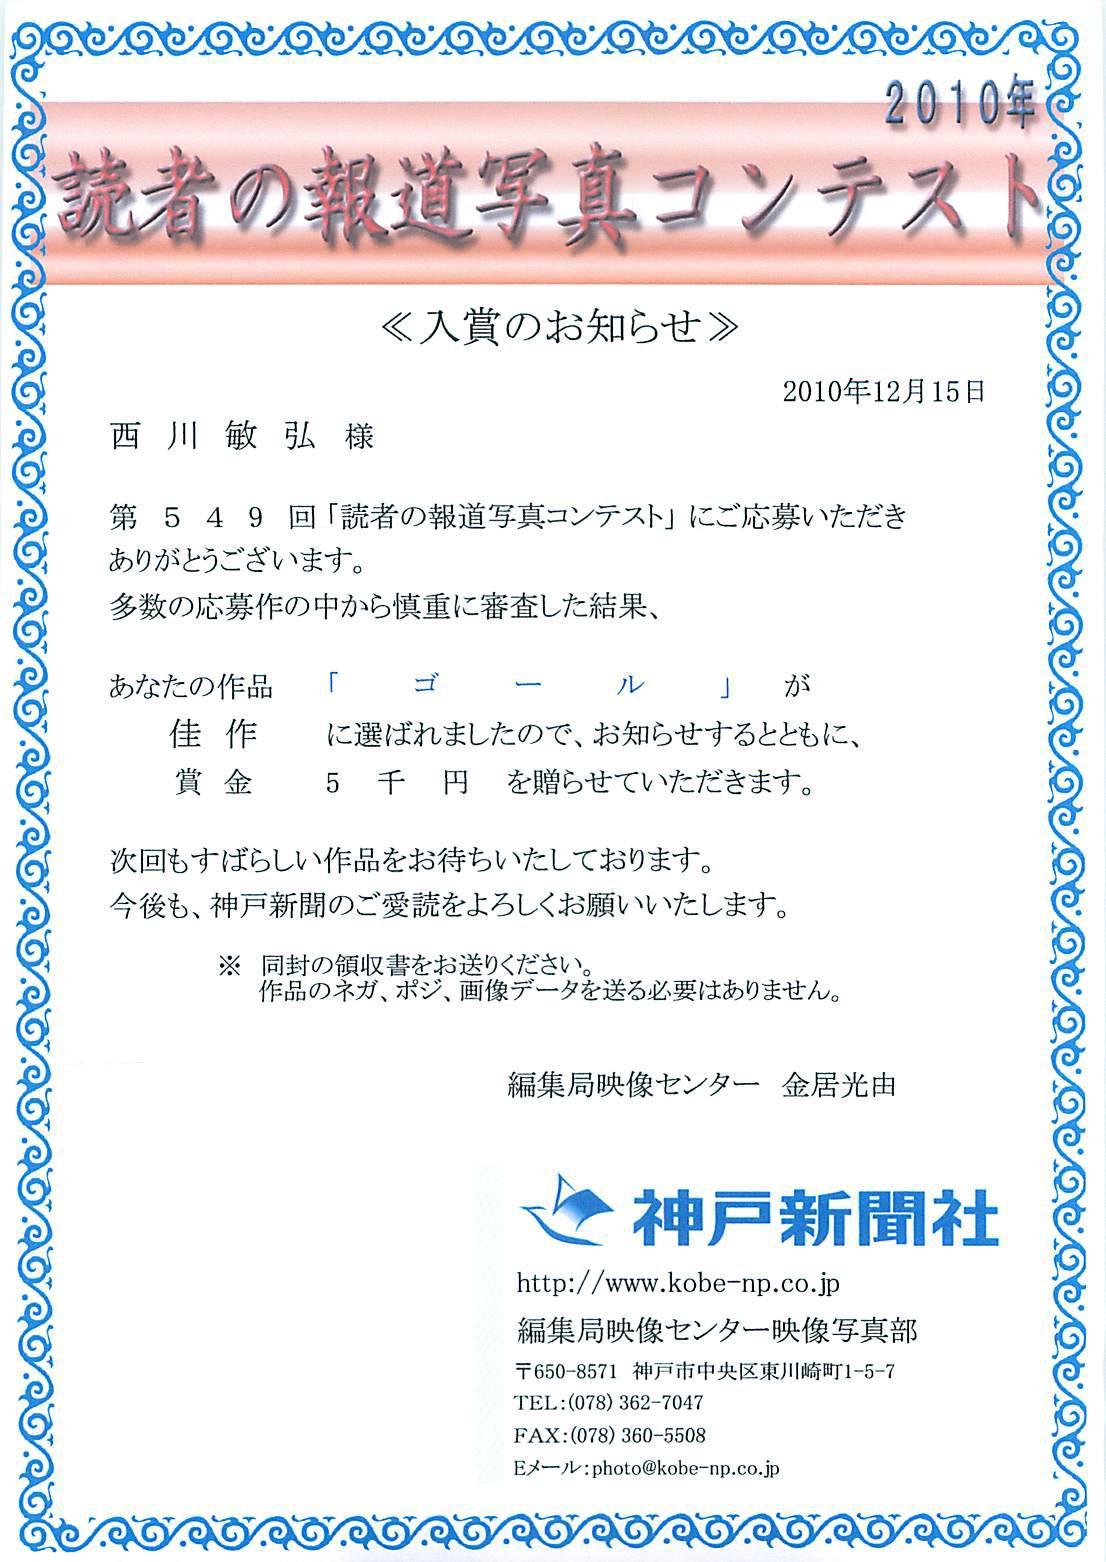 神戸新聞「読者の報道写真コンテスト」2010年11月分佳作_a0288226_3165615.jpg